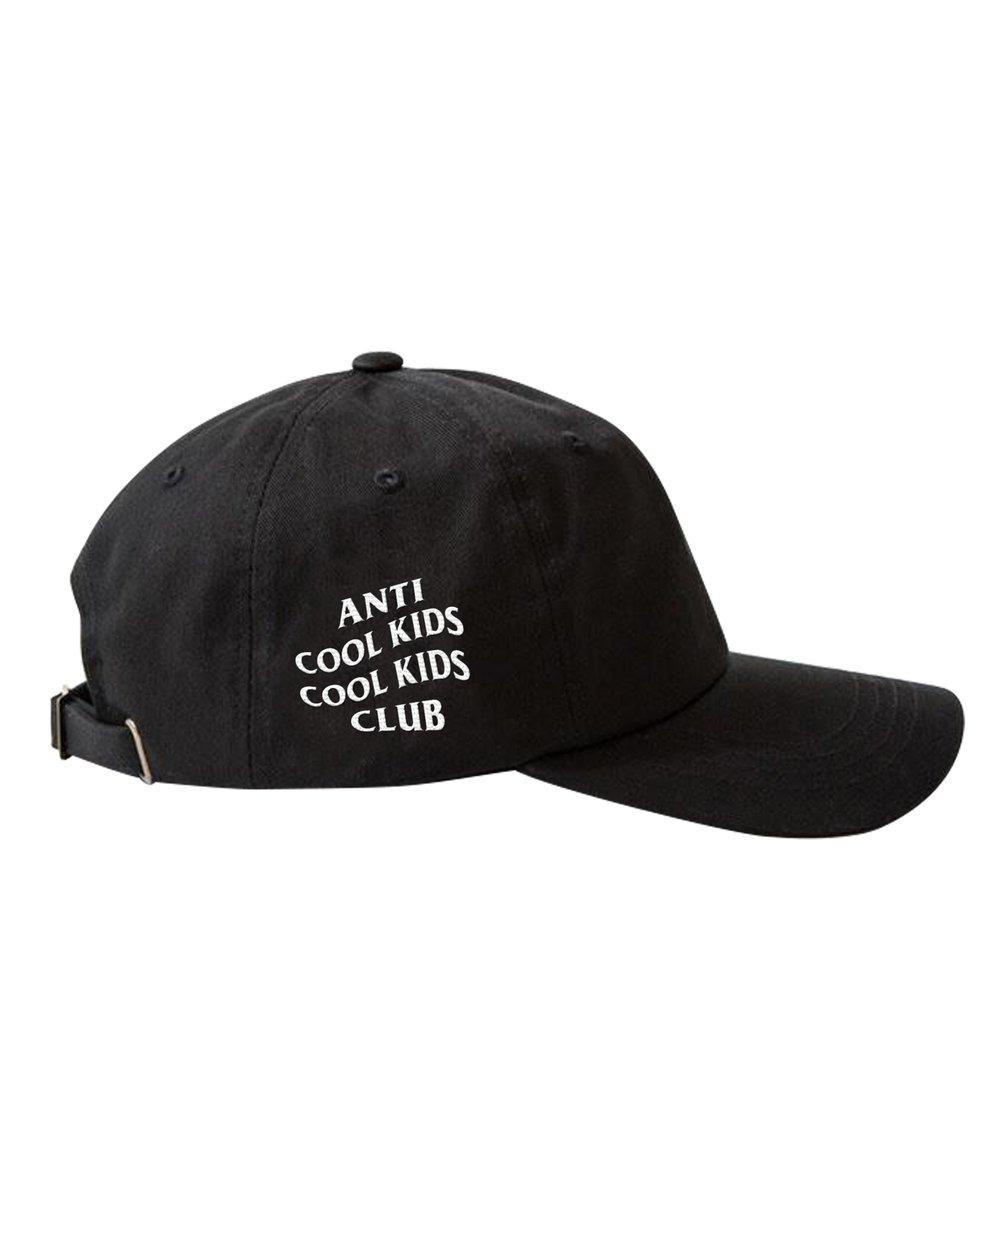 ANTI COOL KIDS DAD HAT BLACK